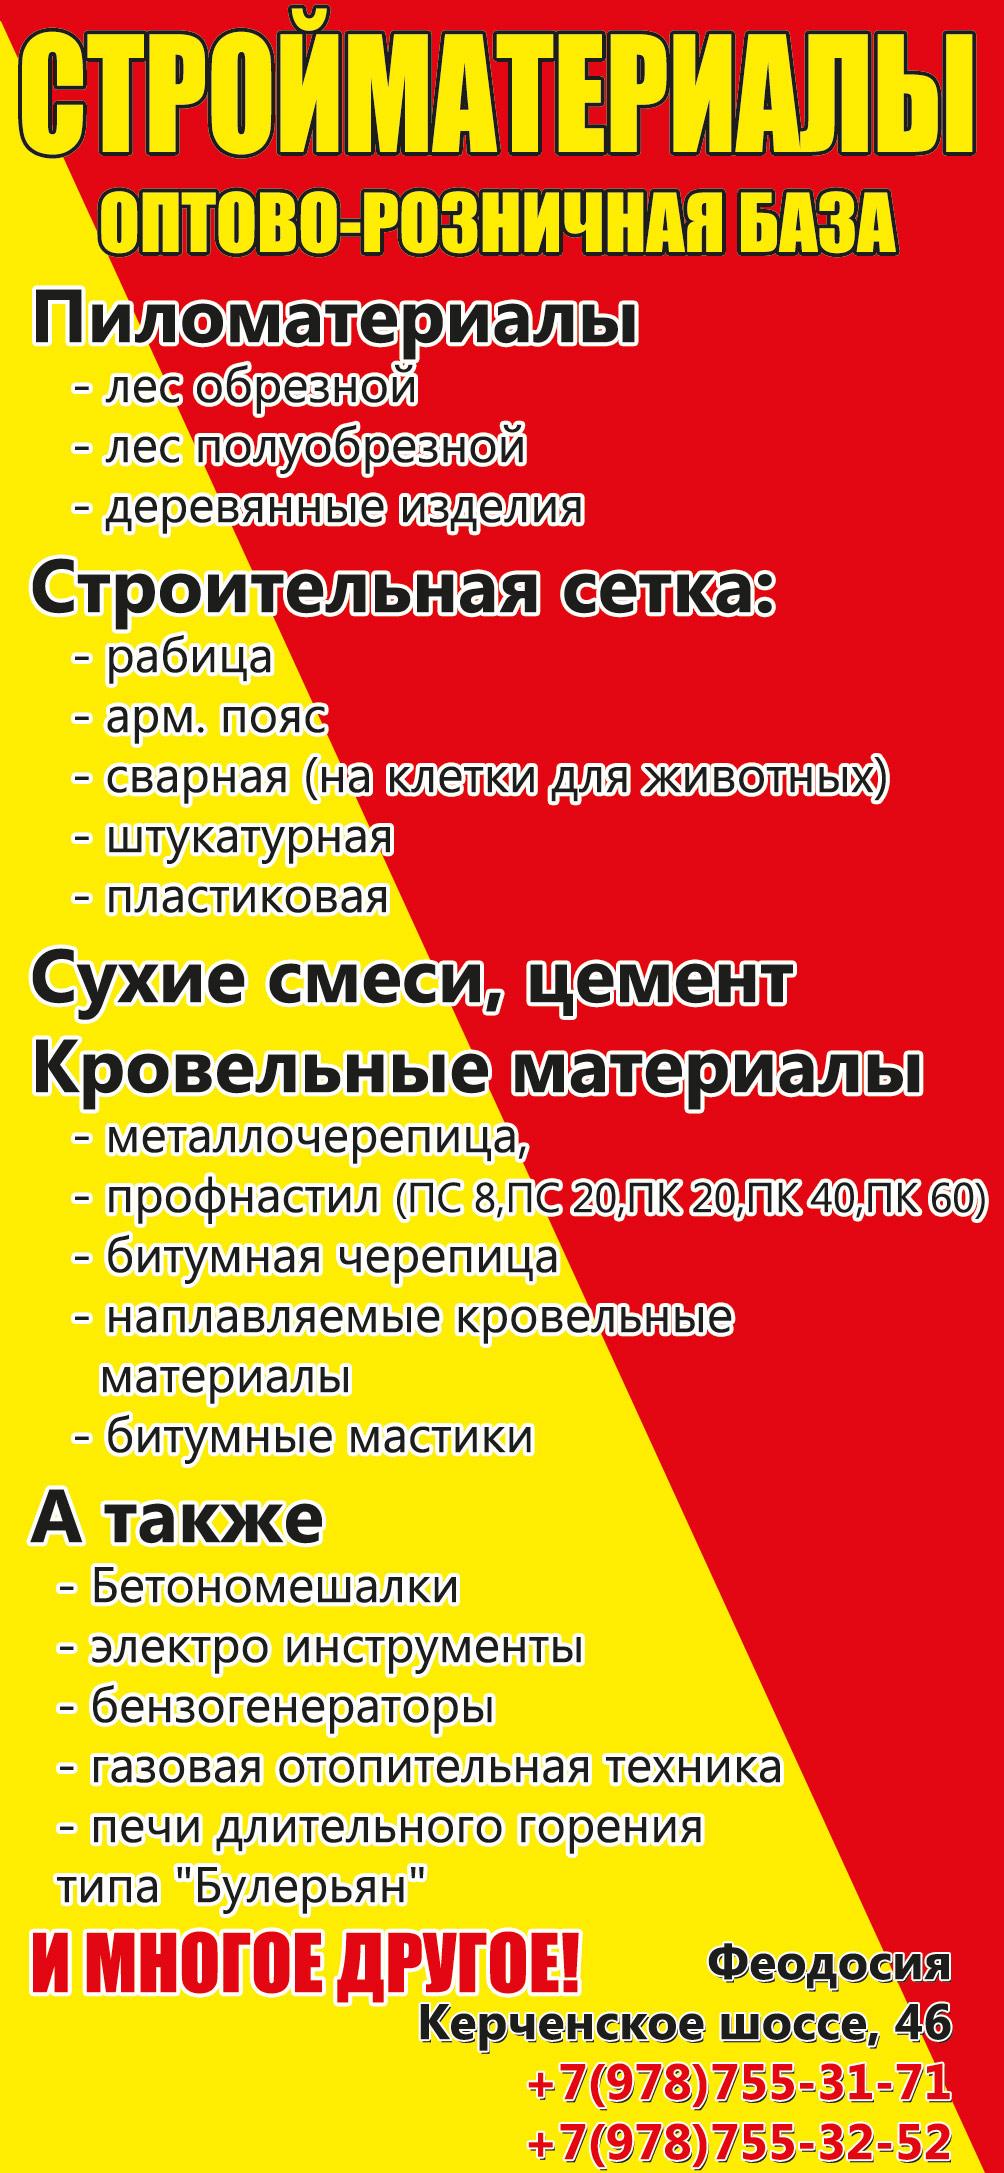 Календарь событий в нижнем новгороде